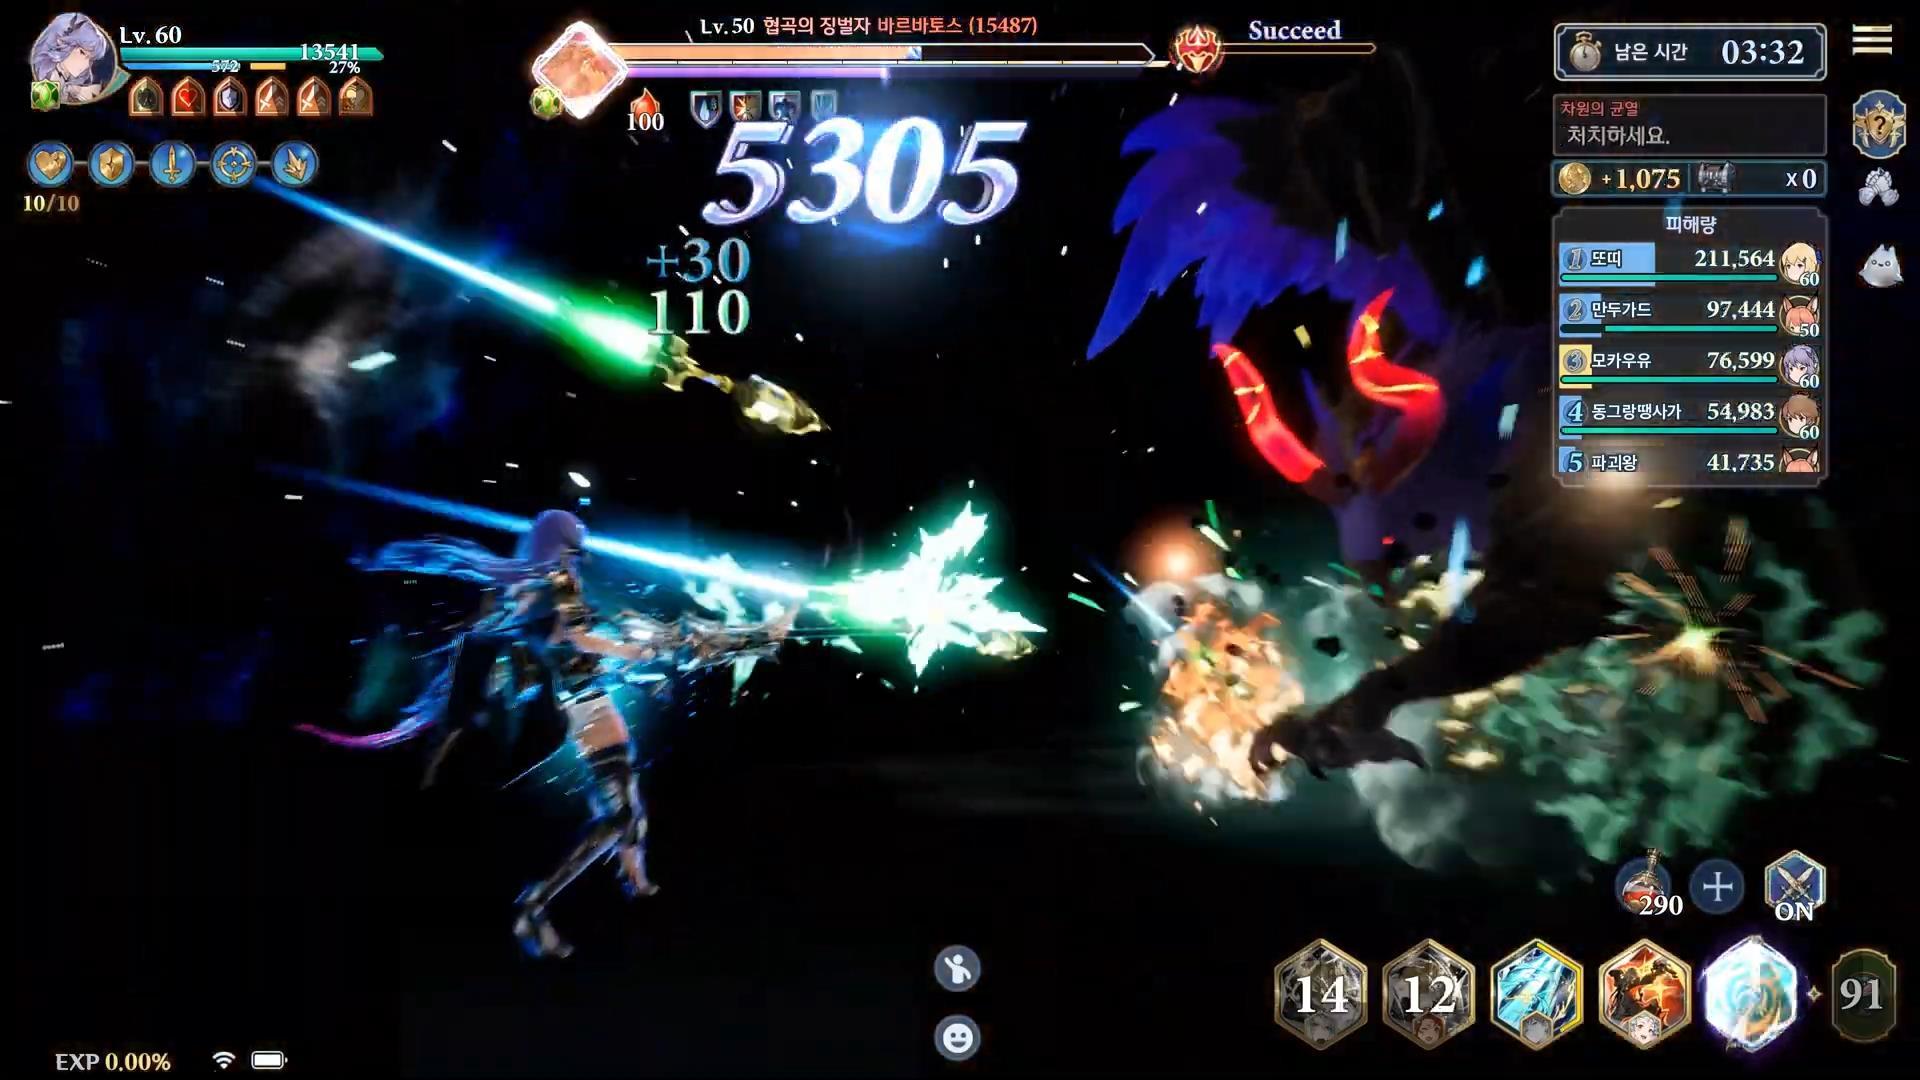 韩国MMORPG《Gran Saga》新预告 1月26日上市 第6张